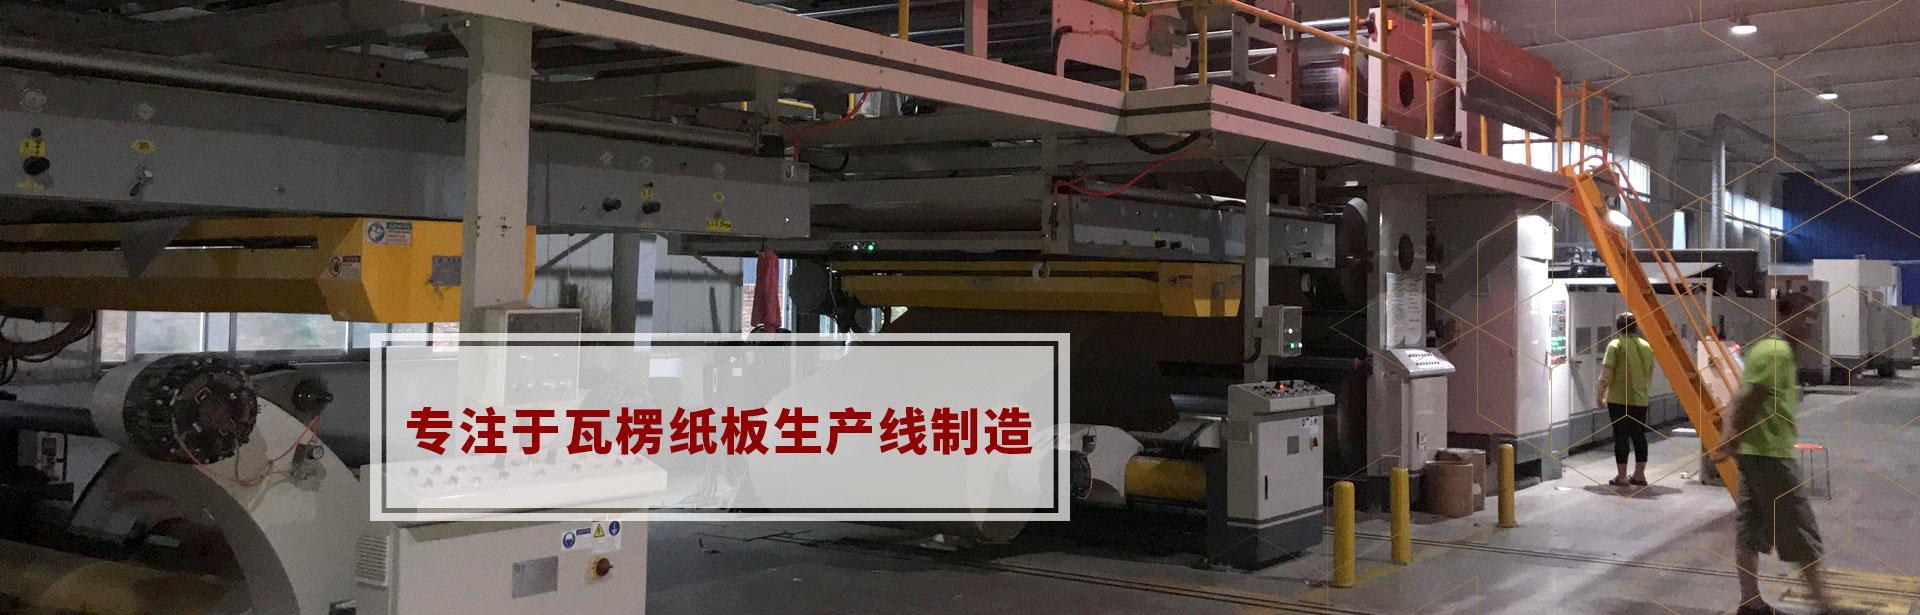 海瑞宝纸箱机械制造有限公司